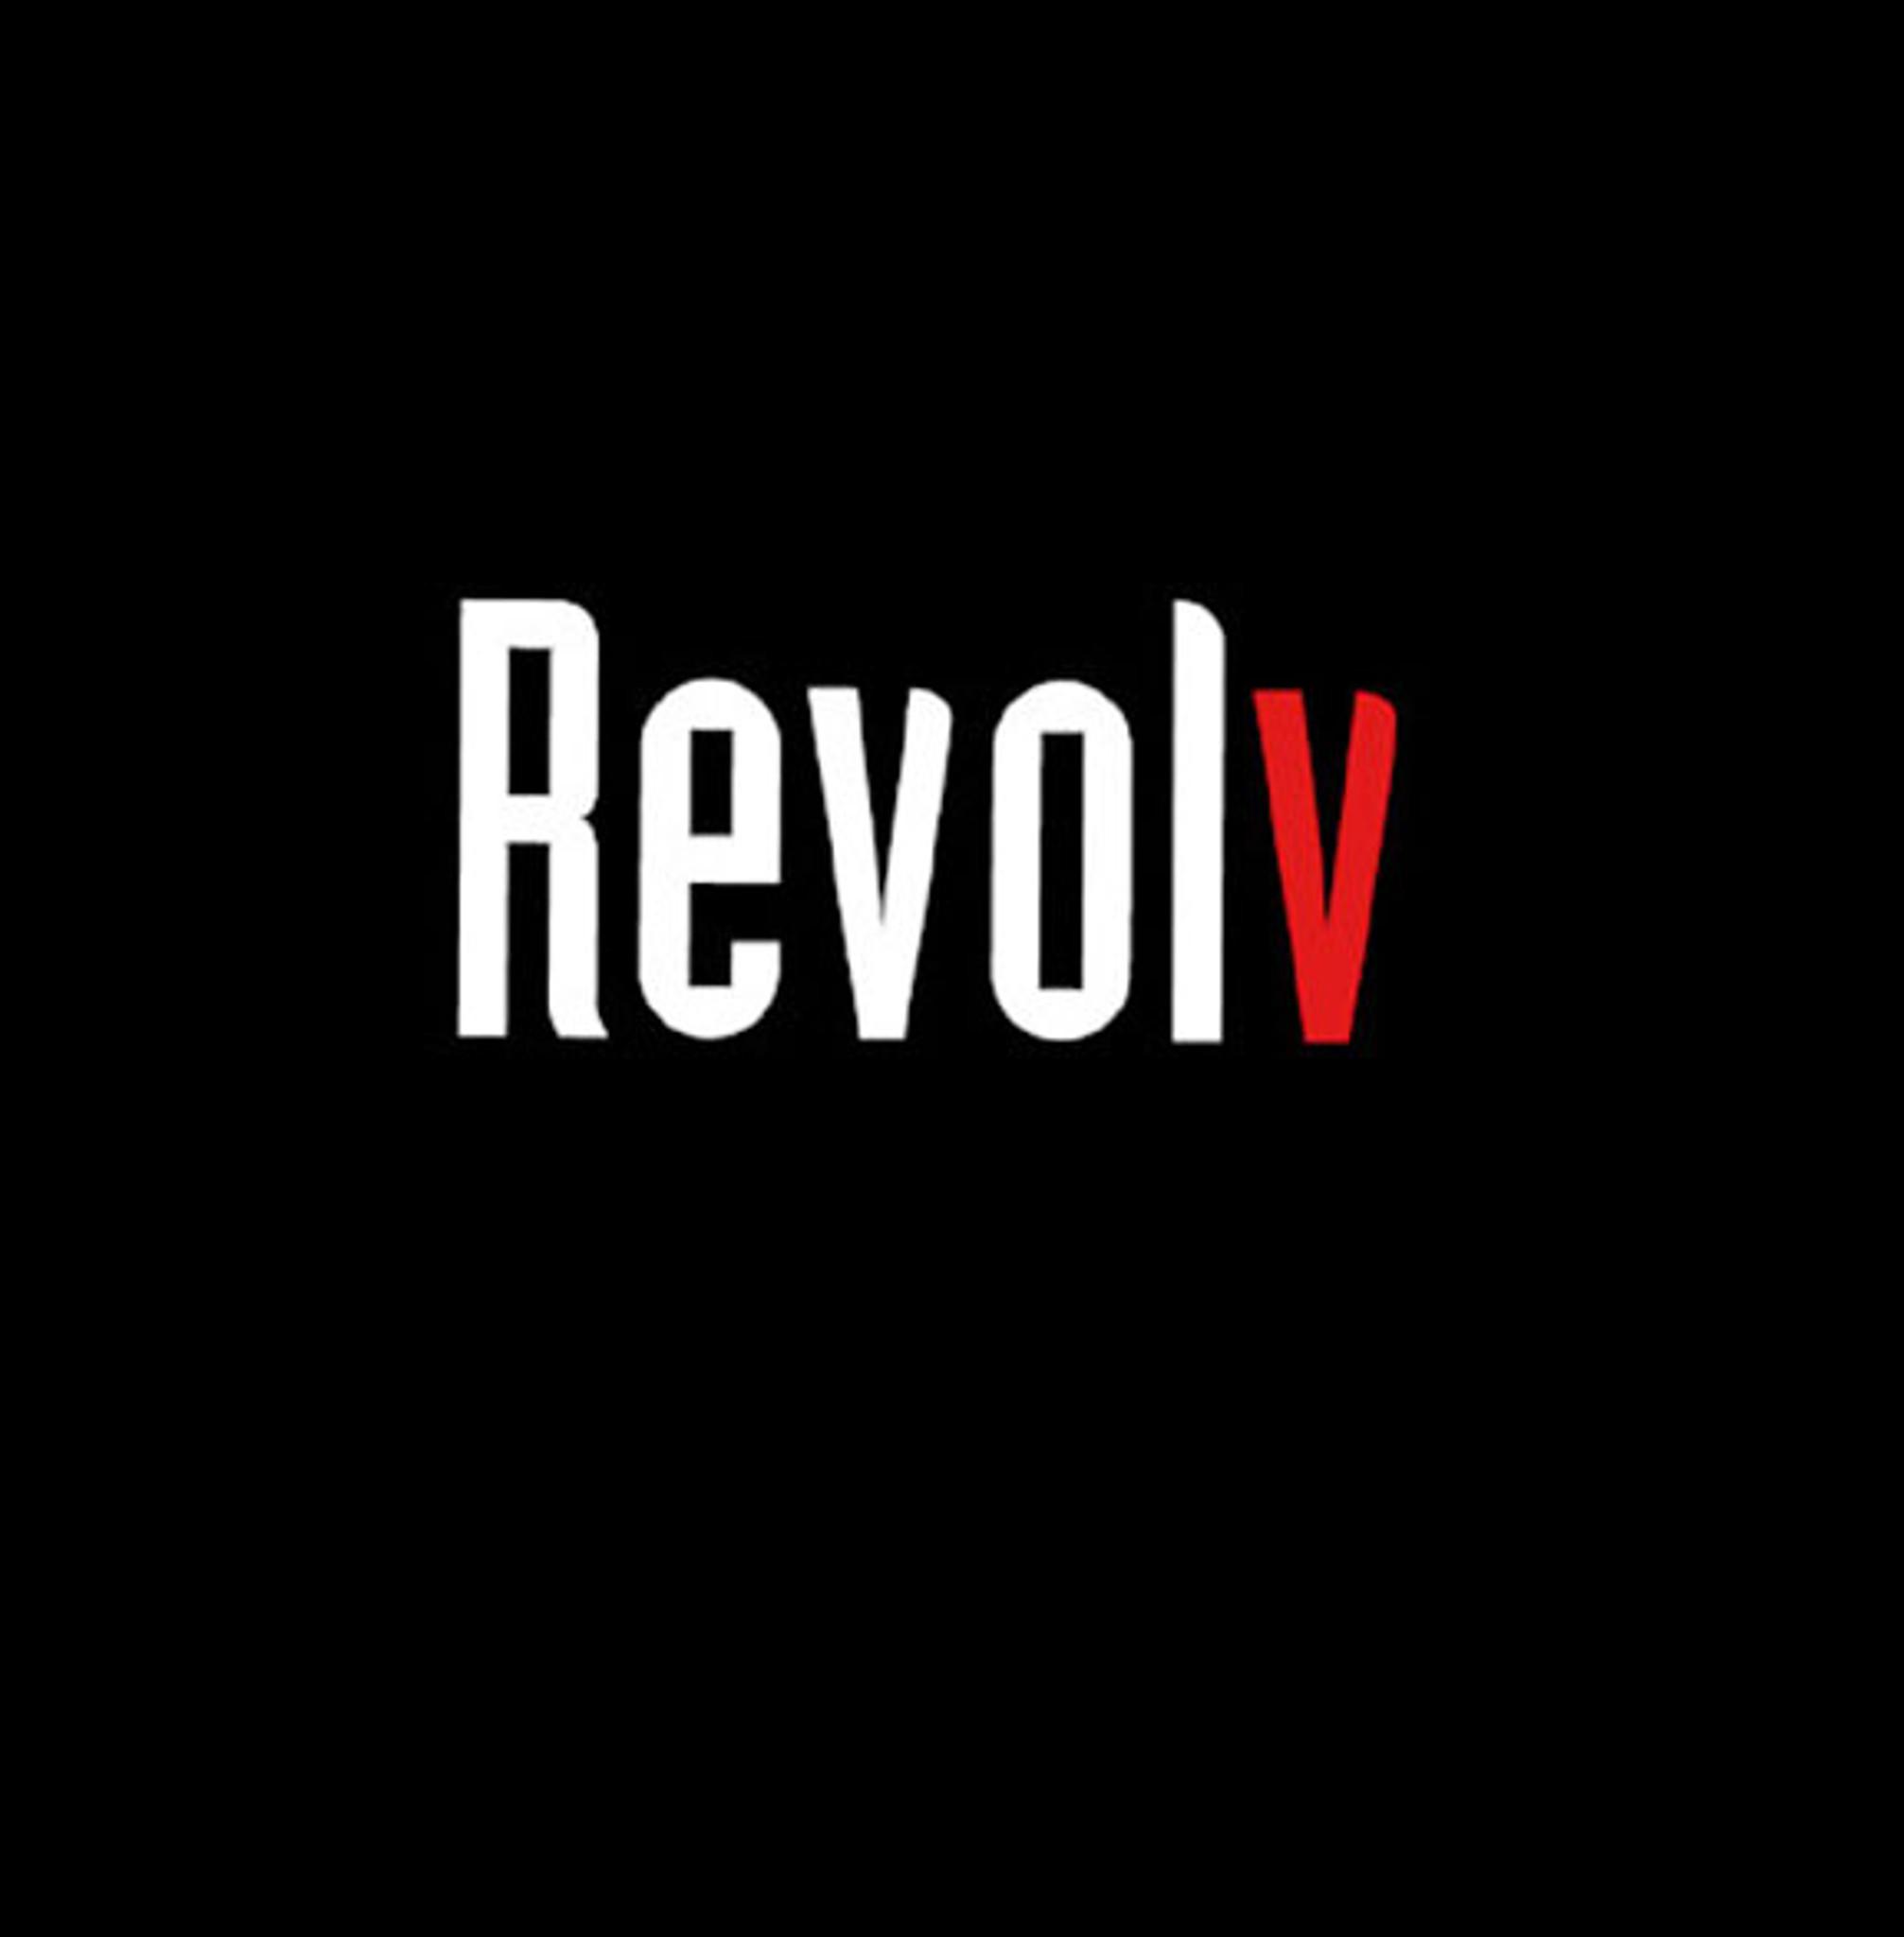 Revolv